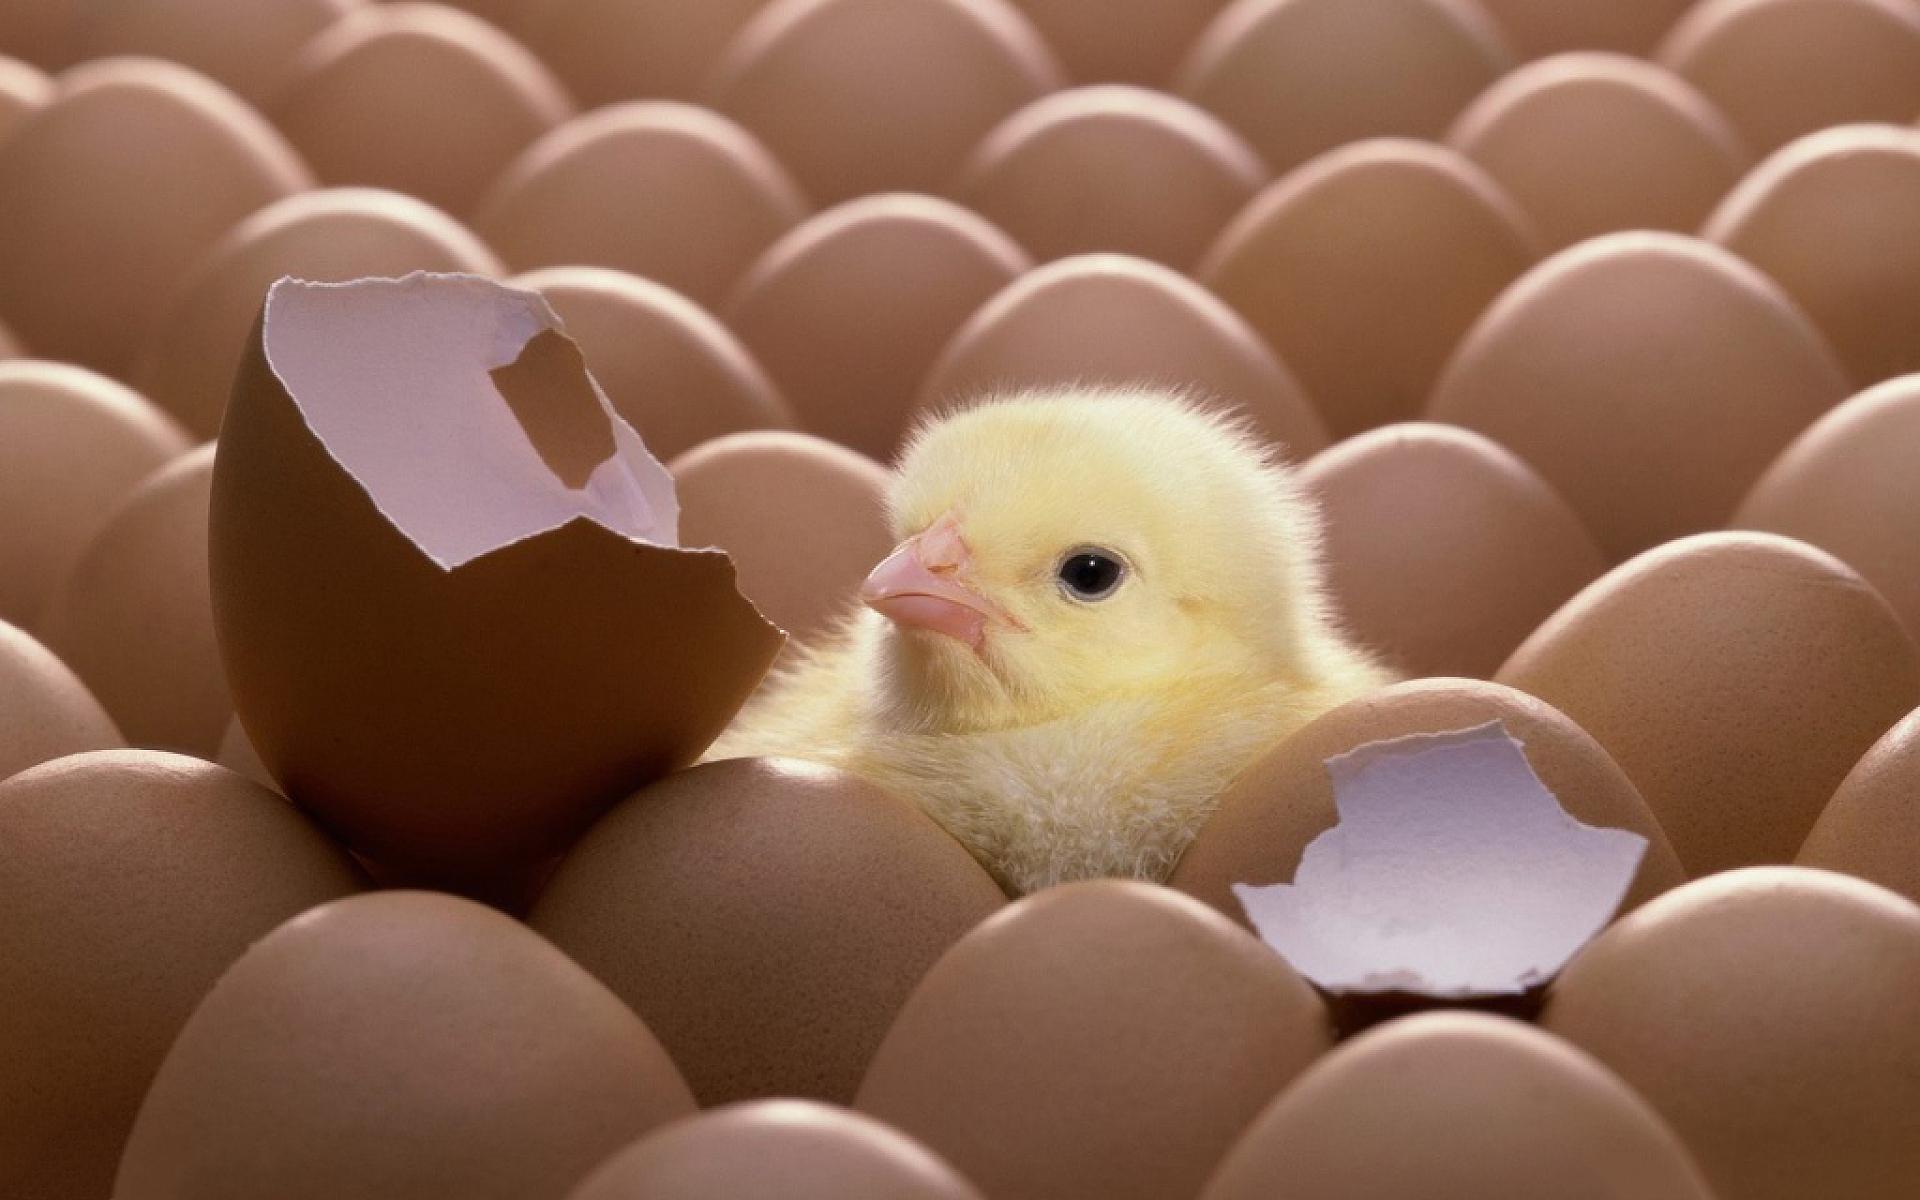 Hatched Chicken